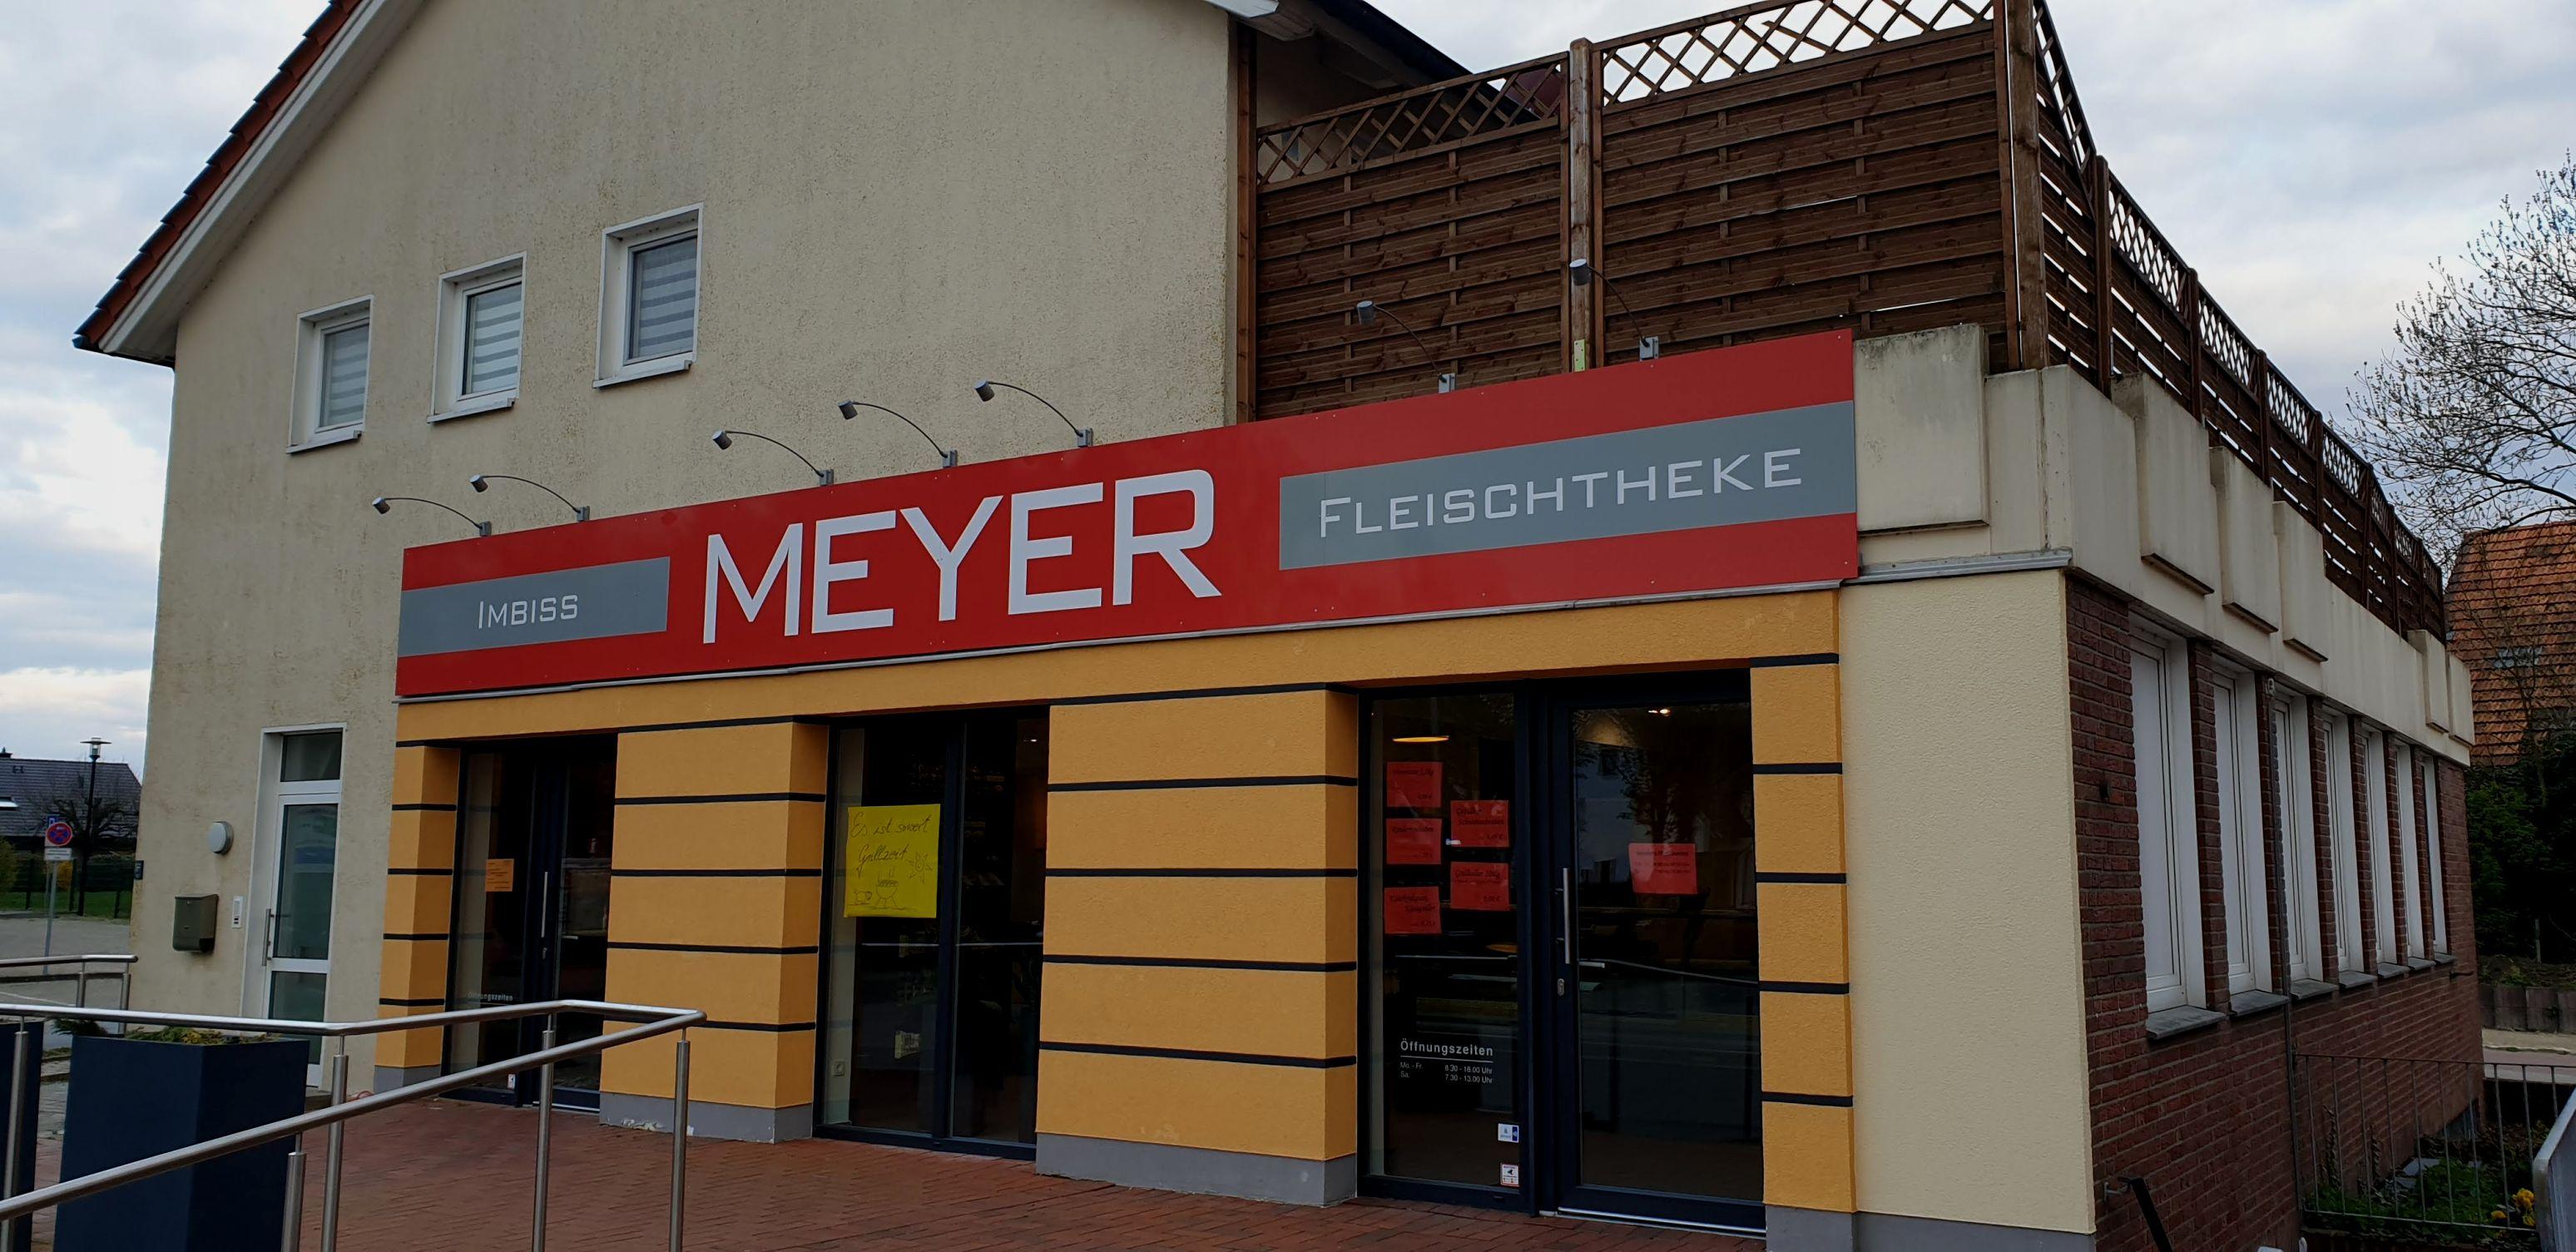 Fleischerei Meyer